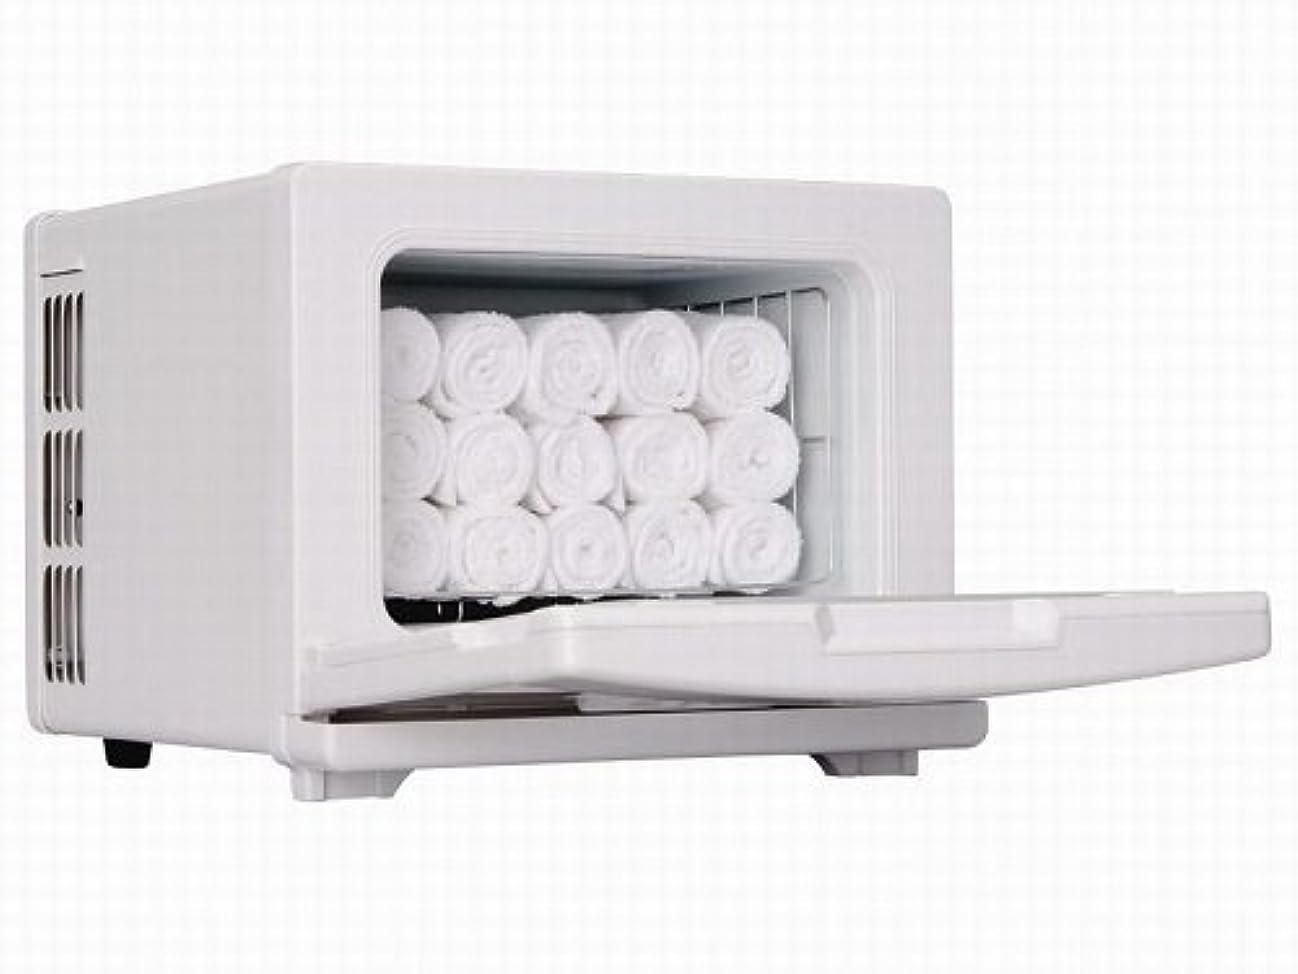 シャワースリッパ要件タオルウォーマー&クーラー  温?冷ダブル機能を搭載!おしぼりが25~30本程度、ハンドタオルで8~10本程度入ります。